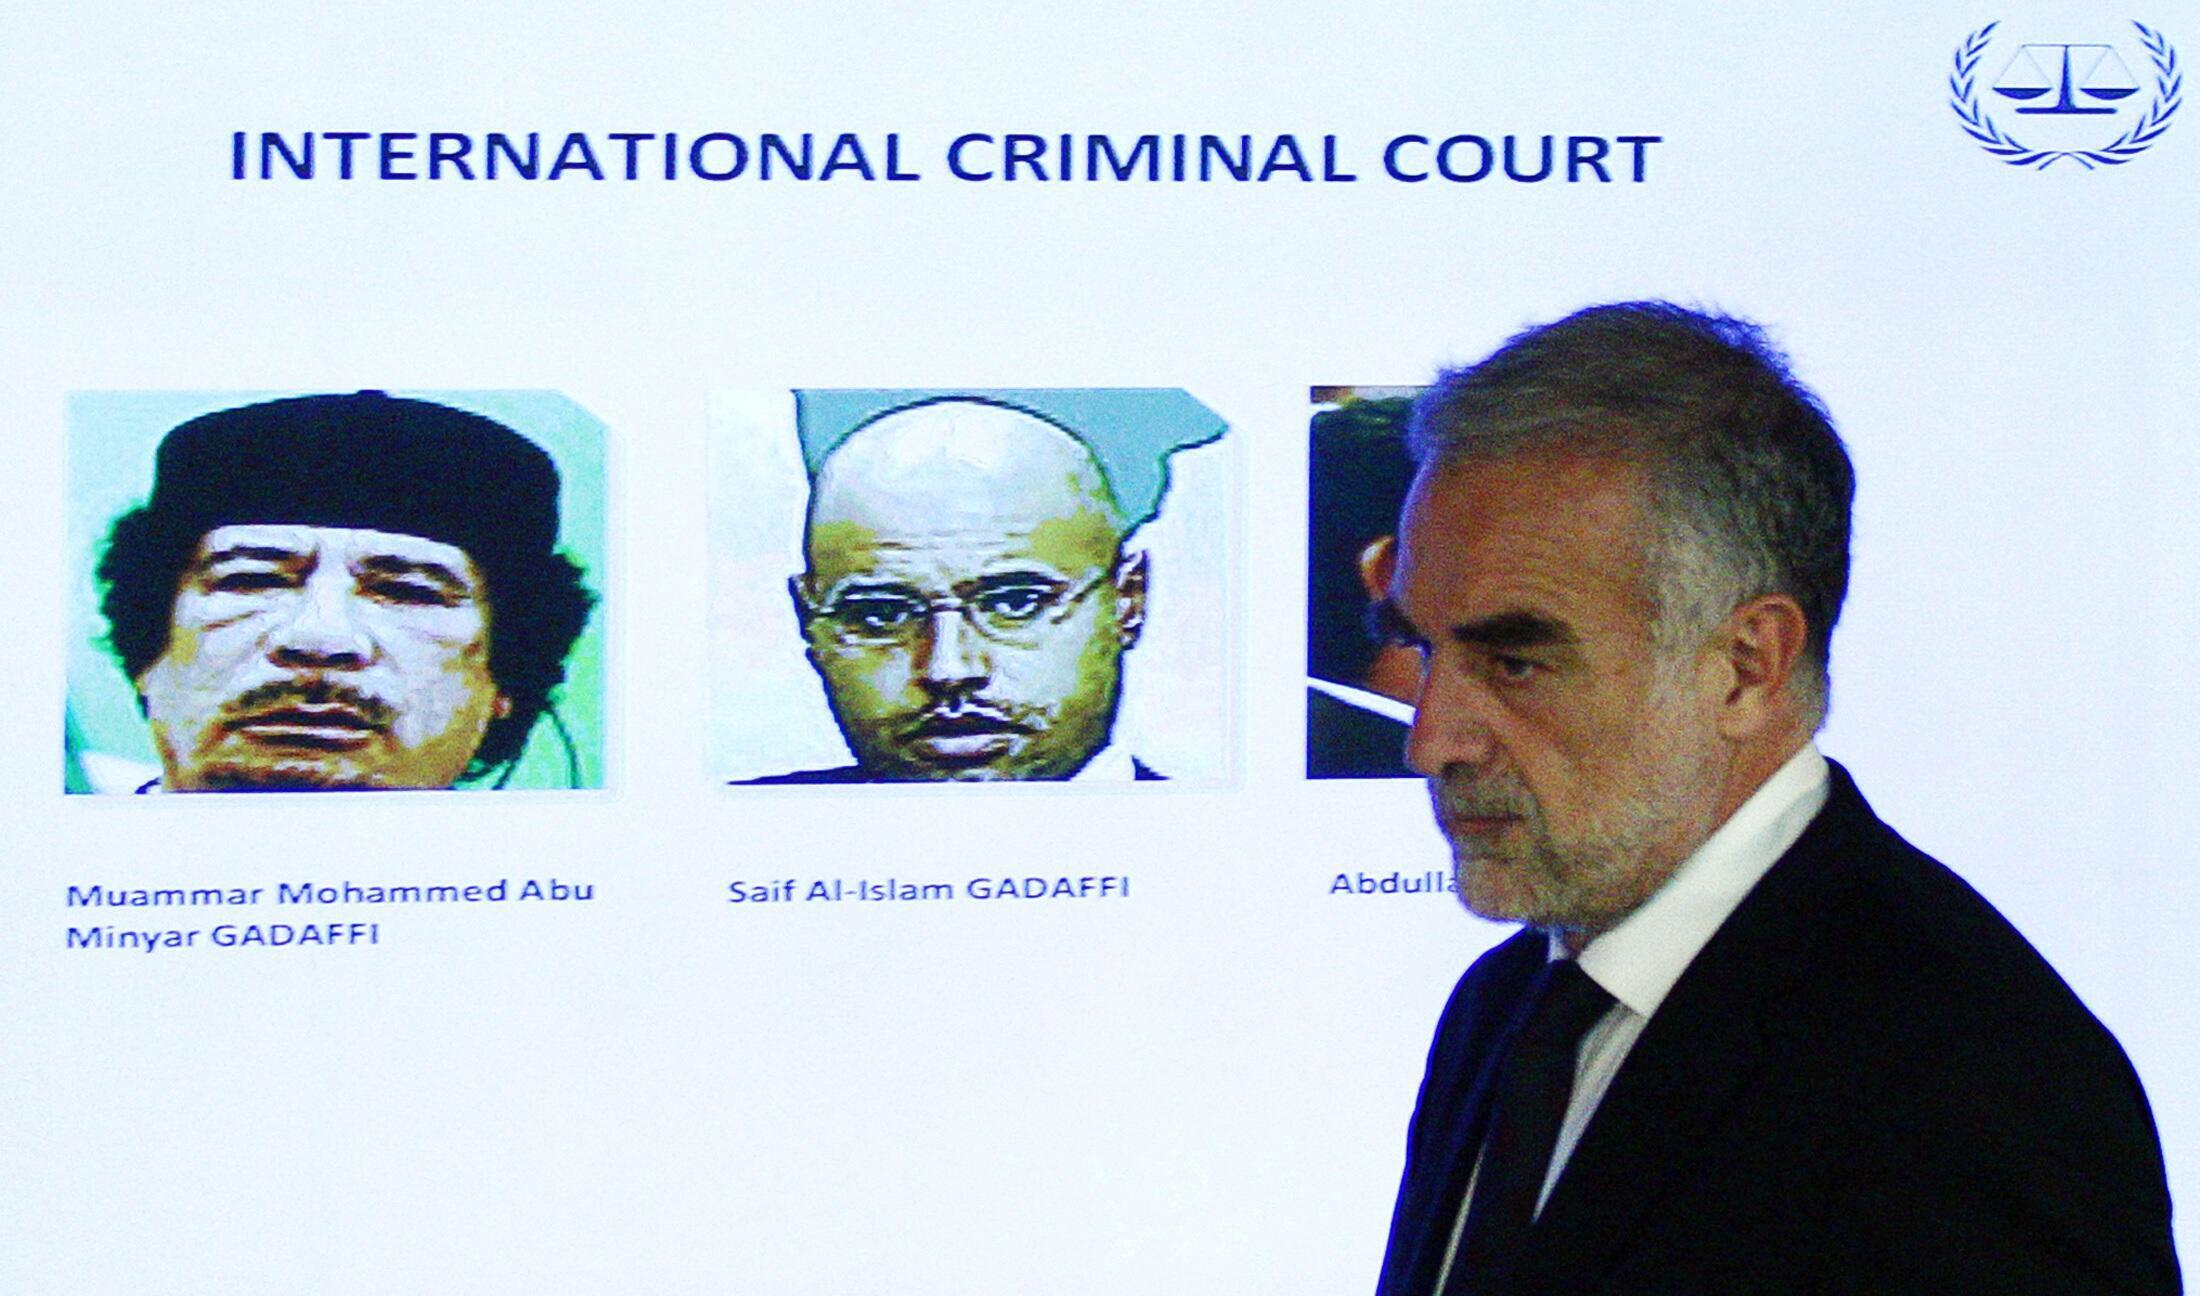 Luis Moreno Ocampo, ex procurador de la Corte penal Internacional